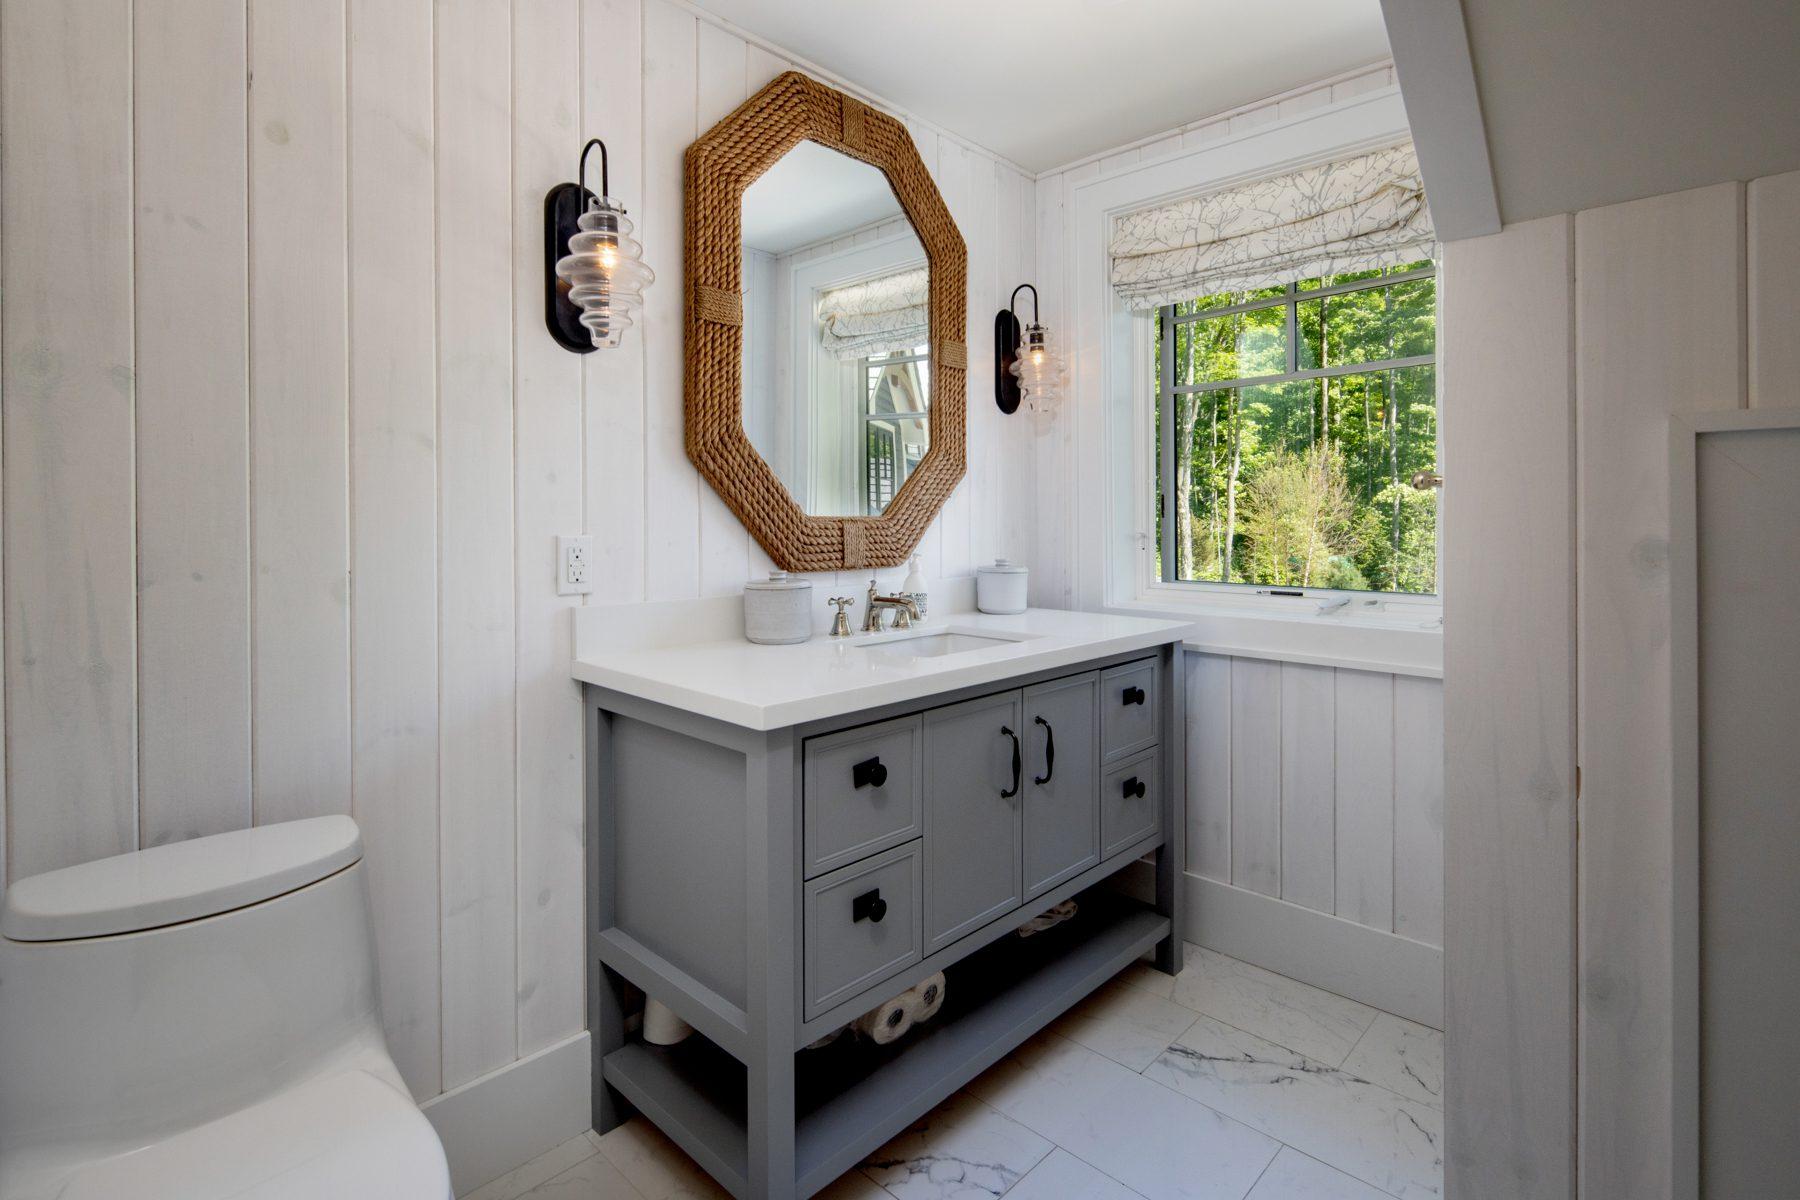 Normerica-Timber-Homes-Timber-Frame-Portfolio-Beachside-Bliss-Interior-Bathroom